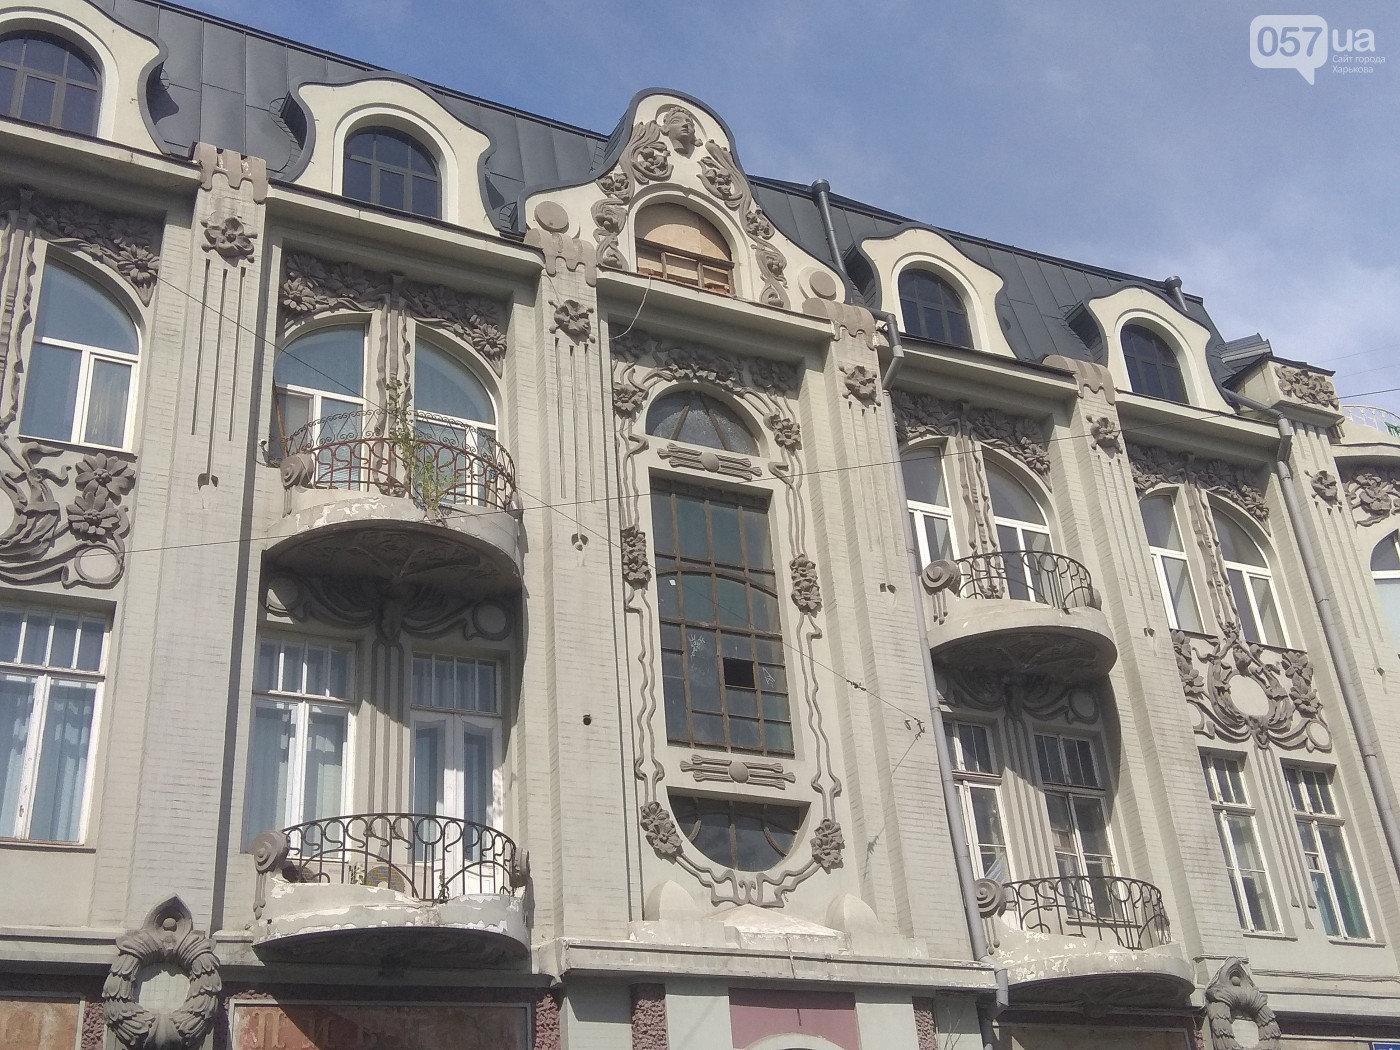 Истории старинных зданий: ТОП-10 красивых доходных домов Харькова, - ФОТО, фото-7